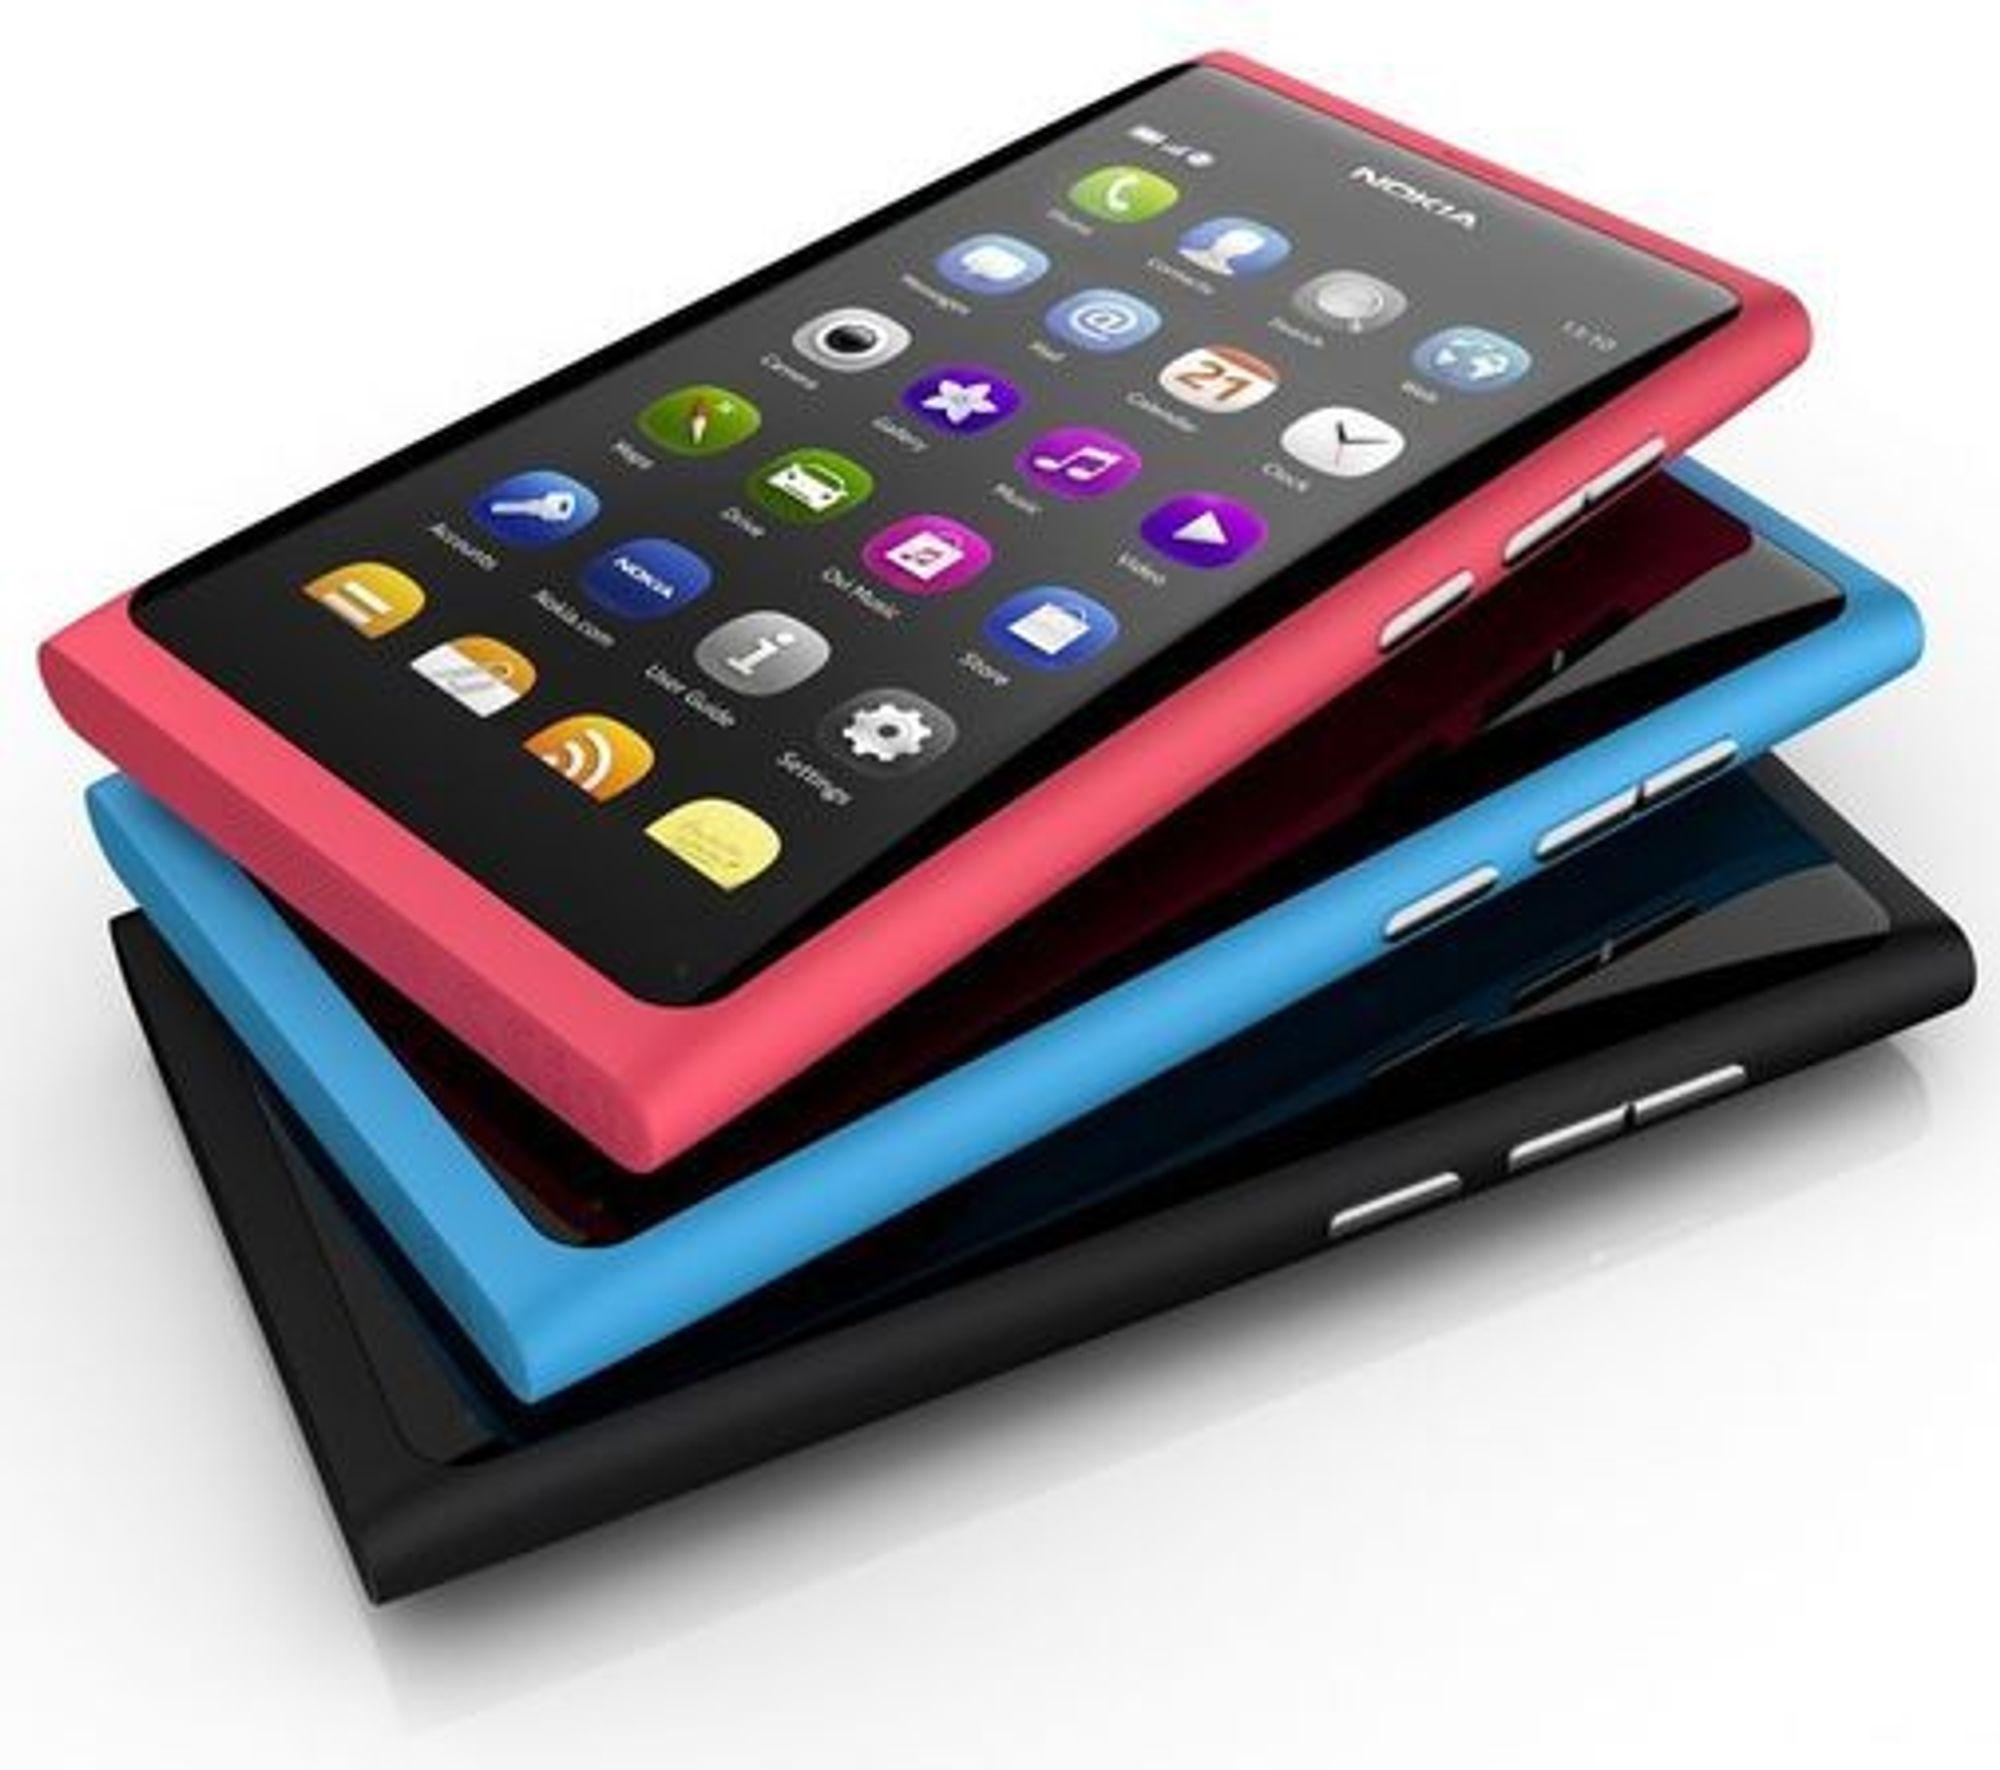 Nokia N9 kommer i tre ulike farger.